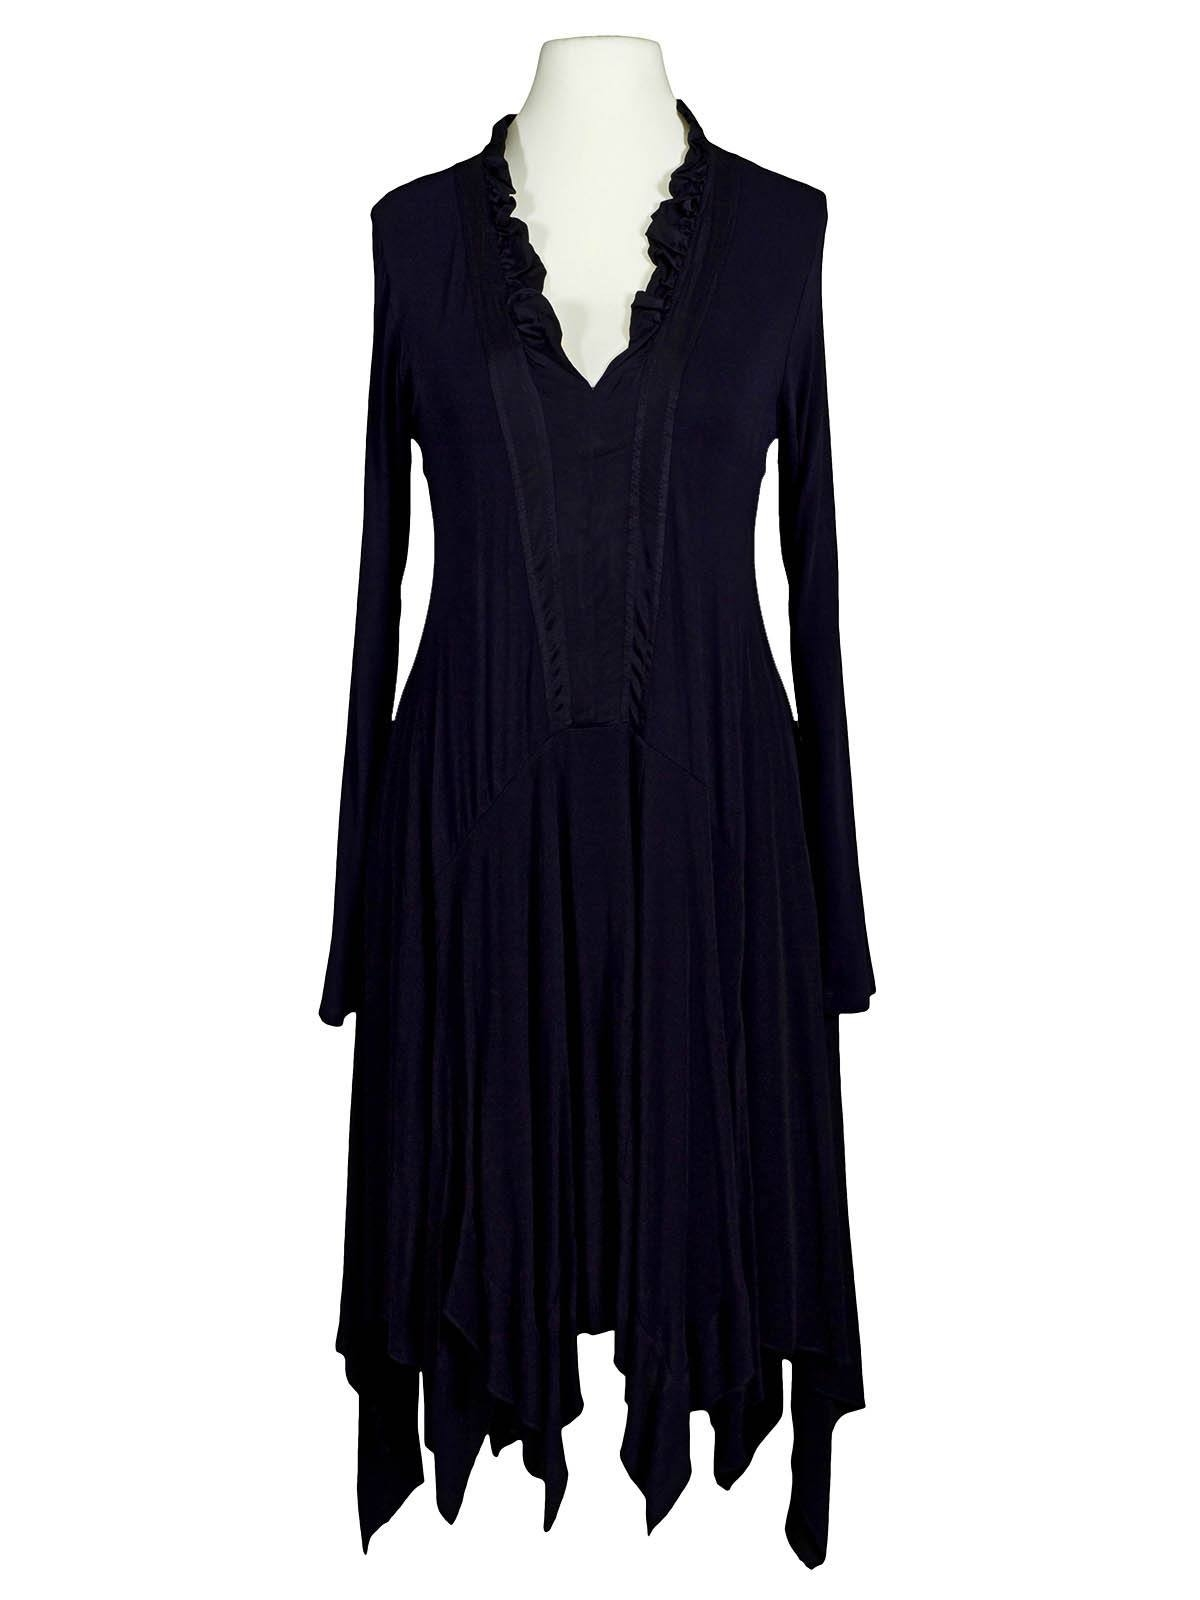 Formal Schön A Form Kleid Bester PreisDesigner Fantastisch A Form Kleid Bester Preis